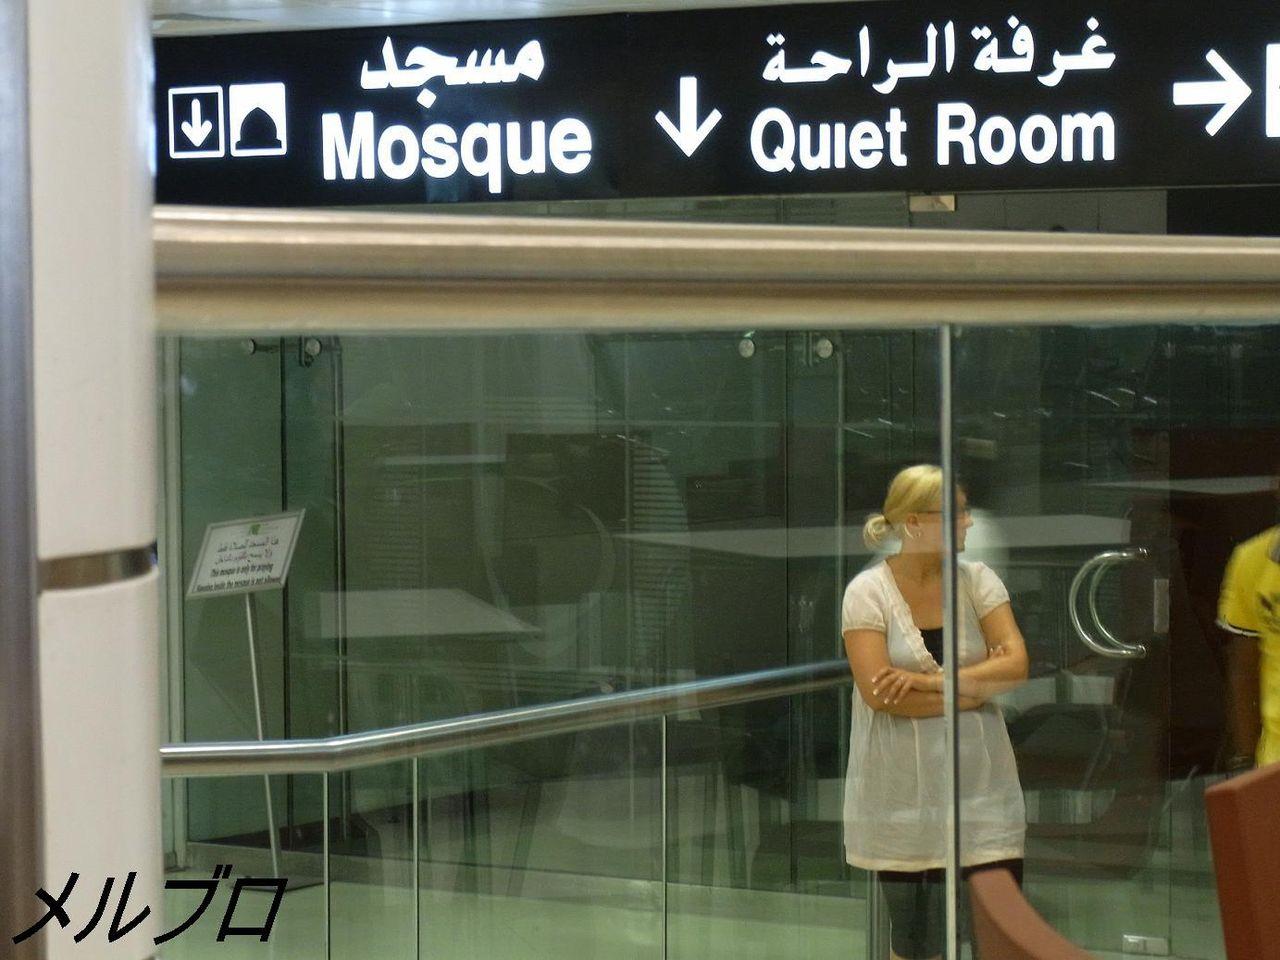 空港内モスク